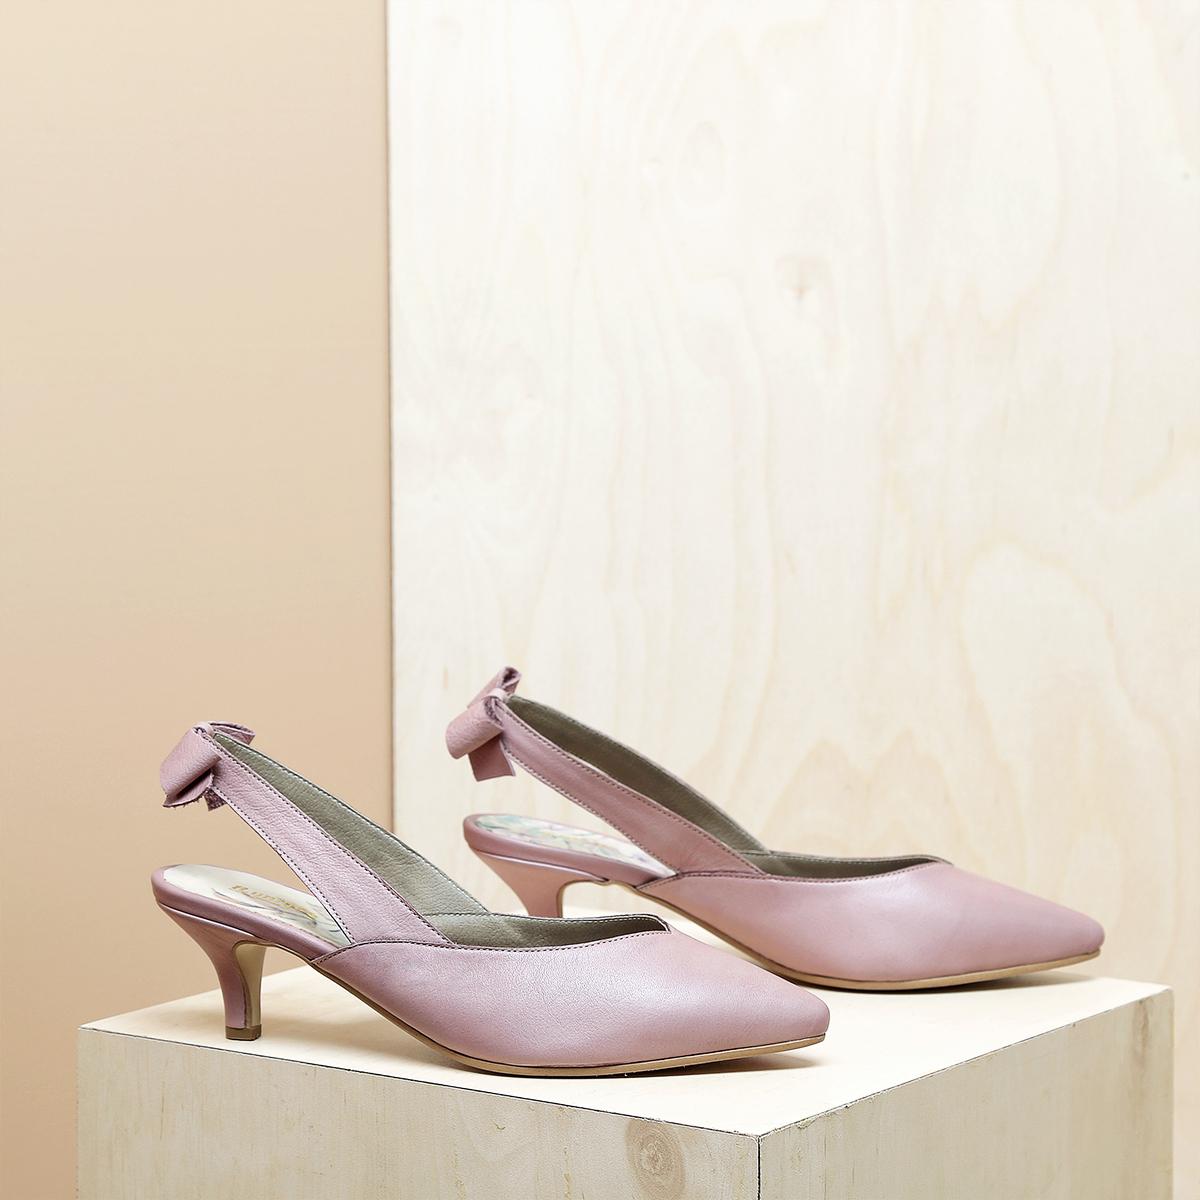 דגם פאפוס: נעלי עקב פיקולו וקשירת פפיון בצבע ורוד